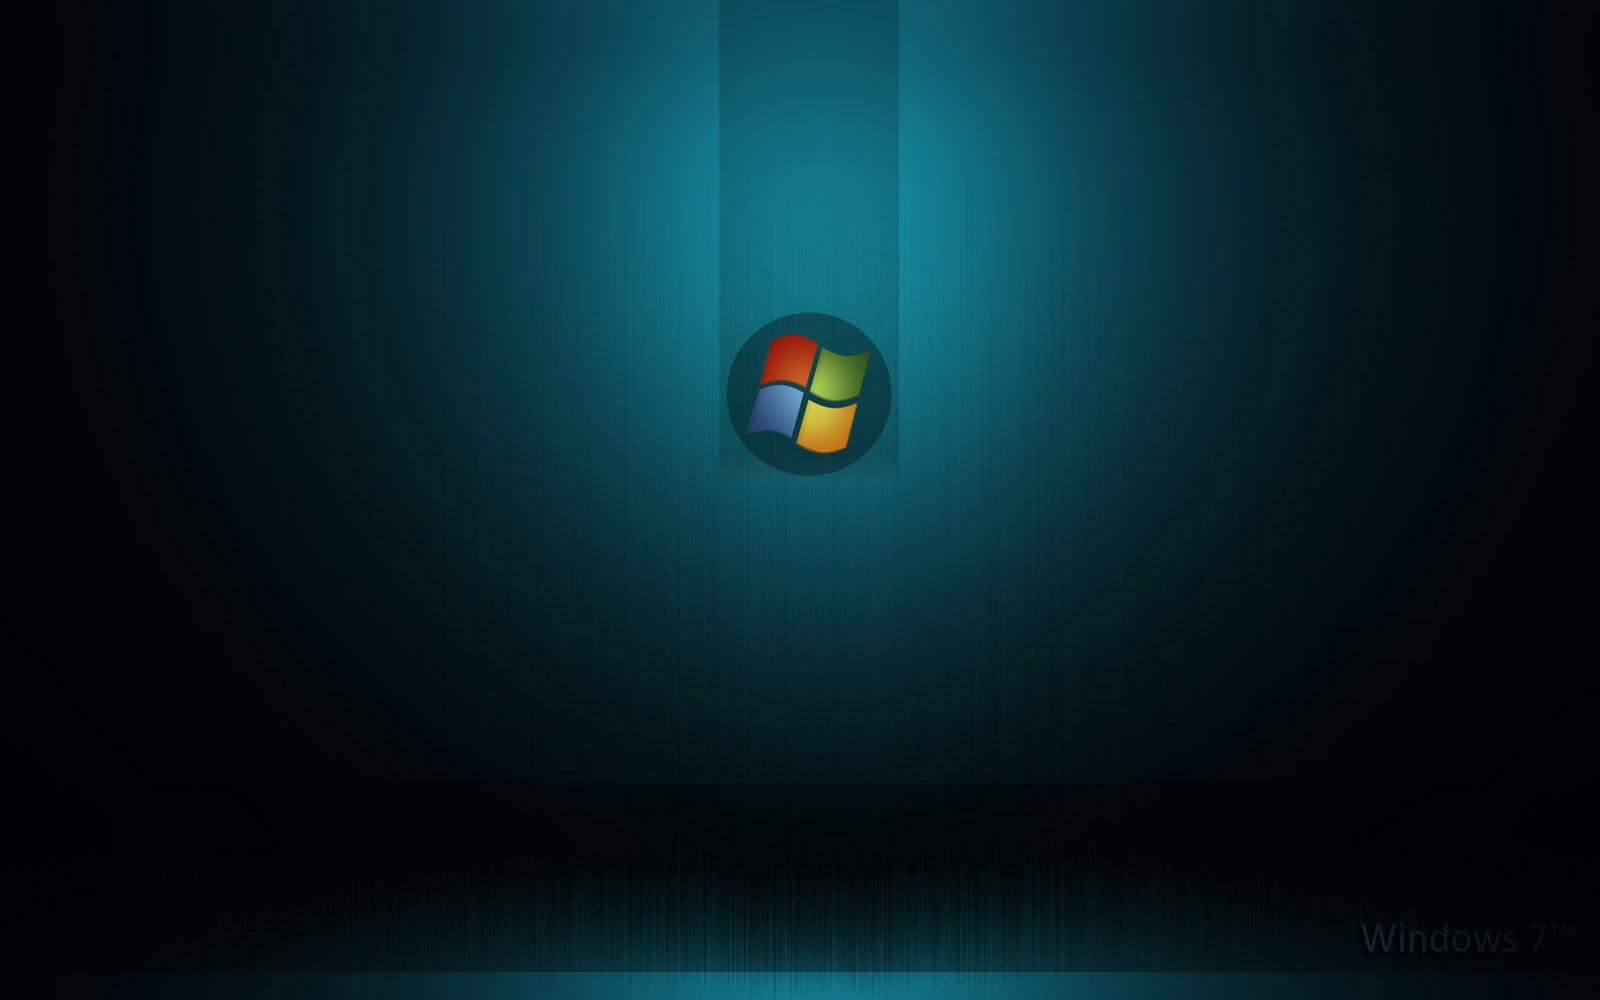 windows desktop wallpaper hd,operating system,green,blue,light,azure